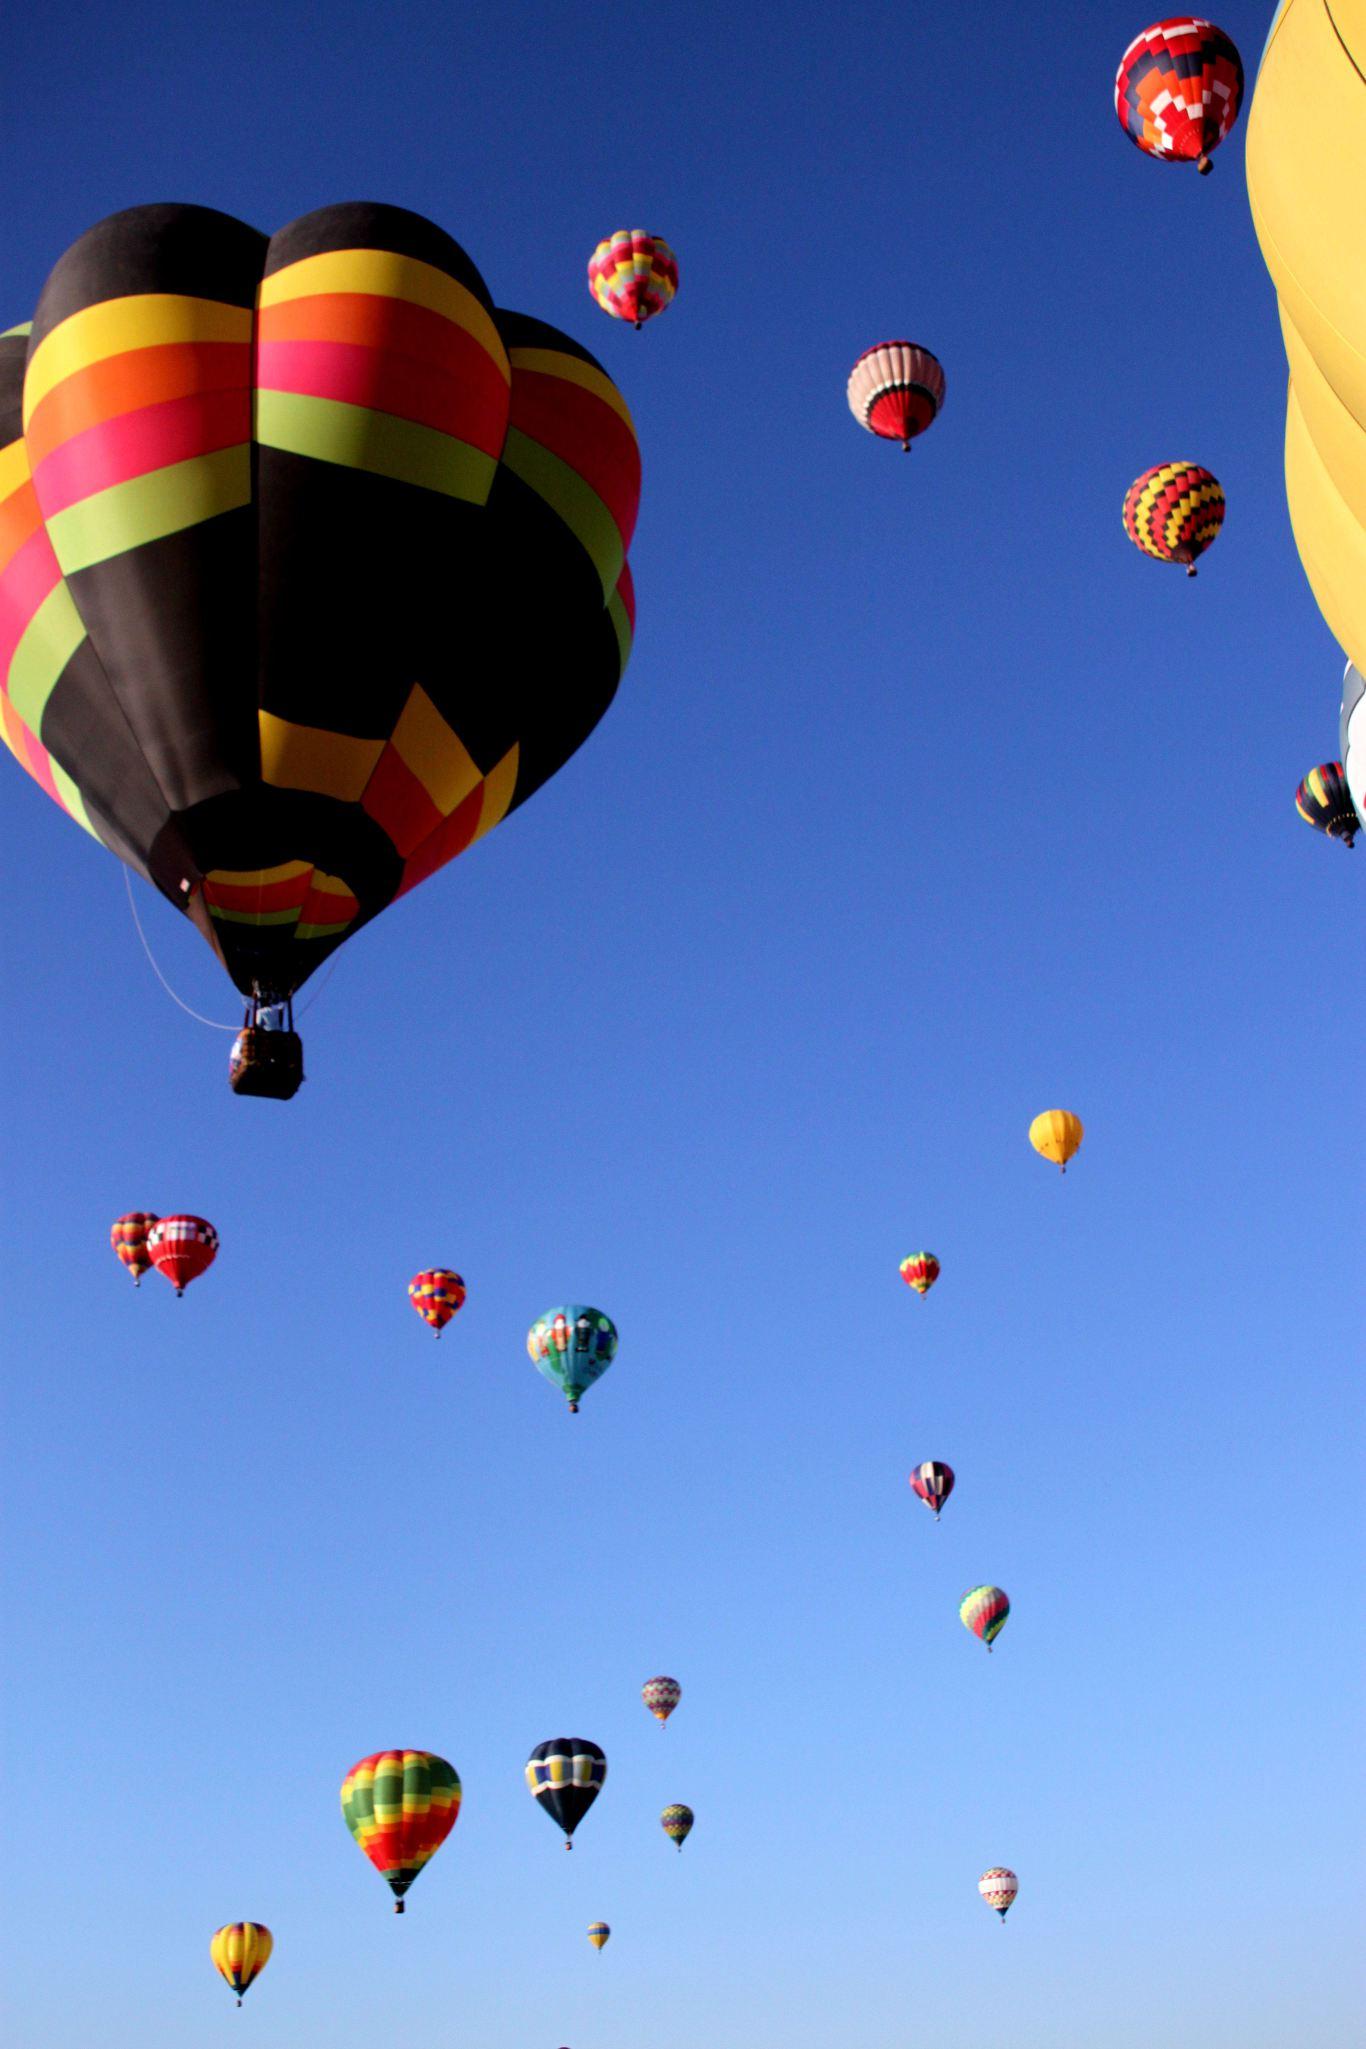 a-balloons-331-good